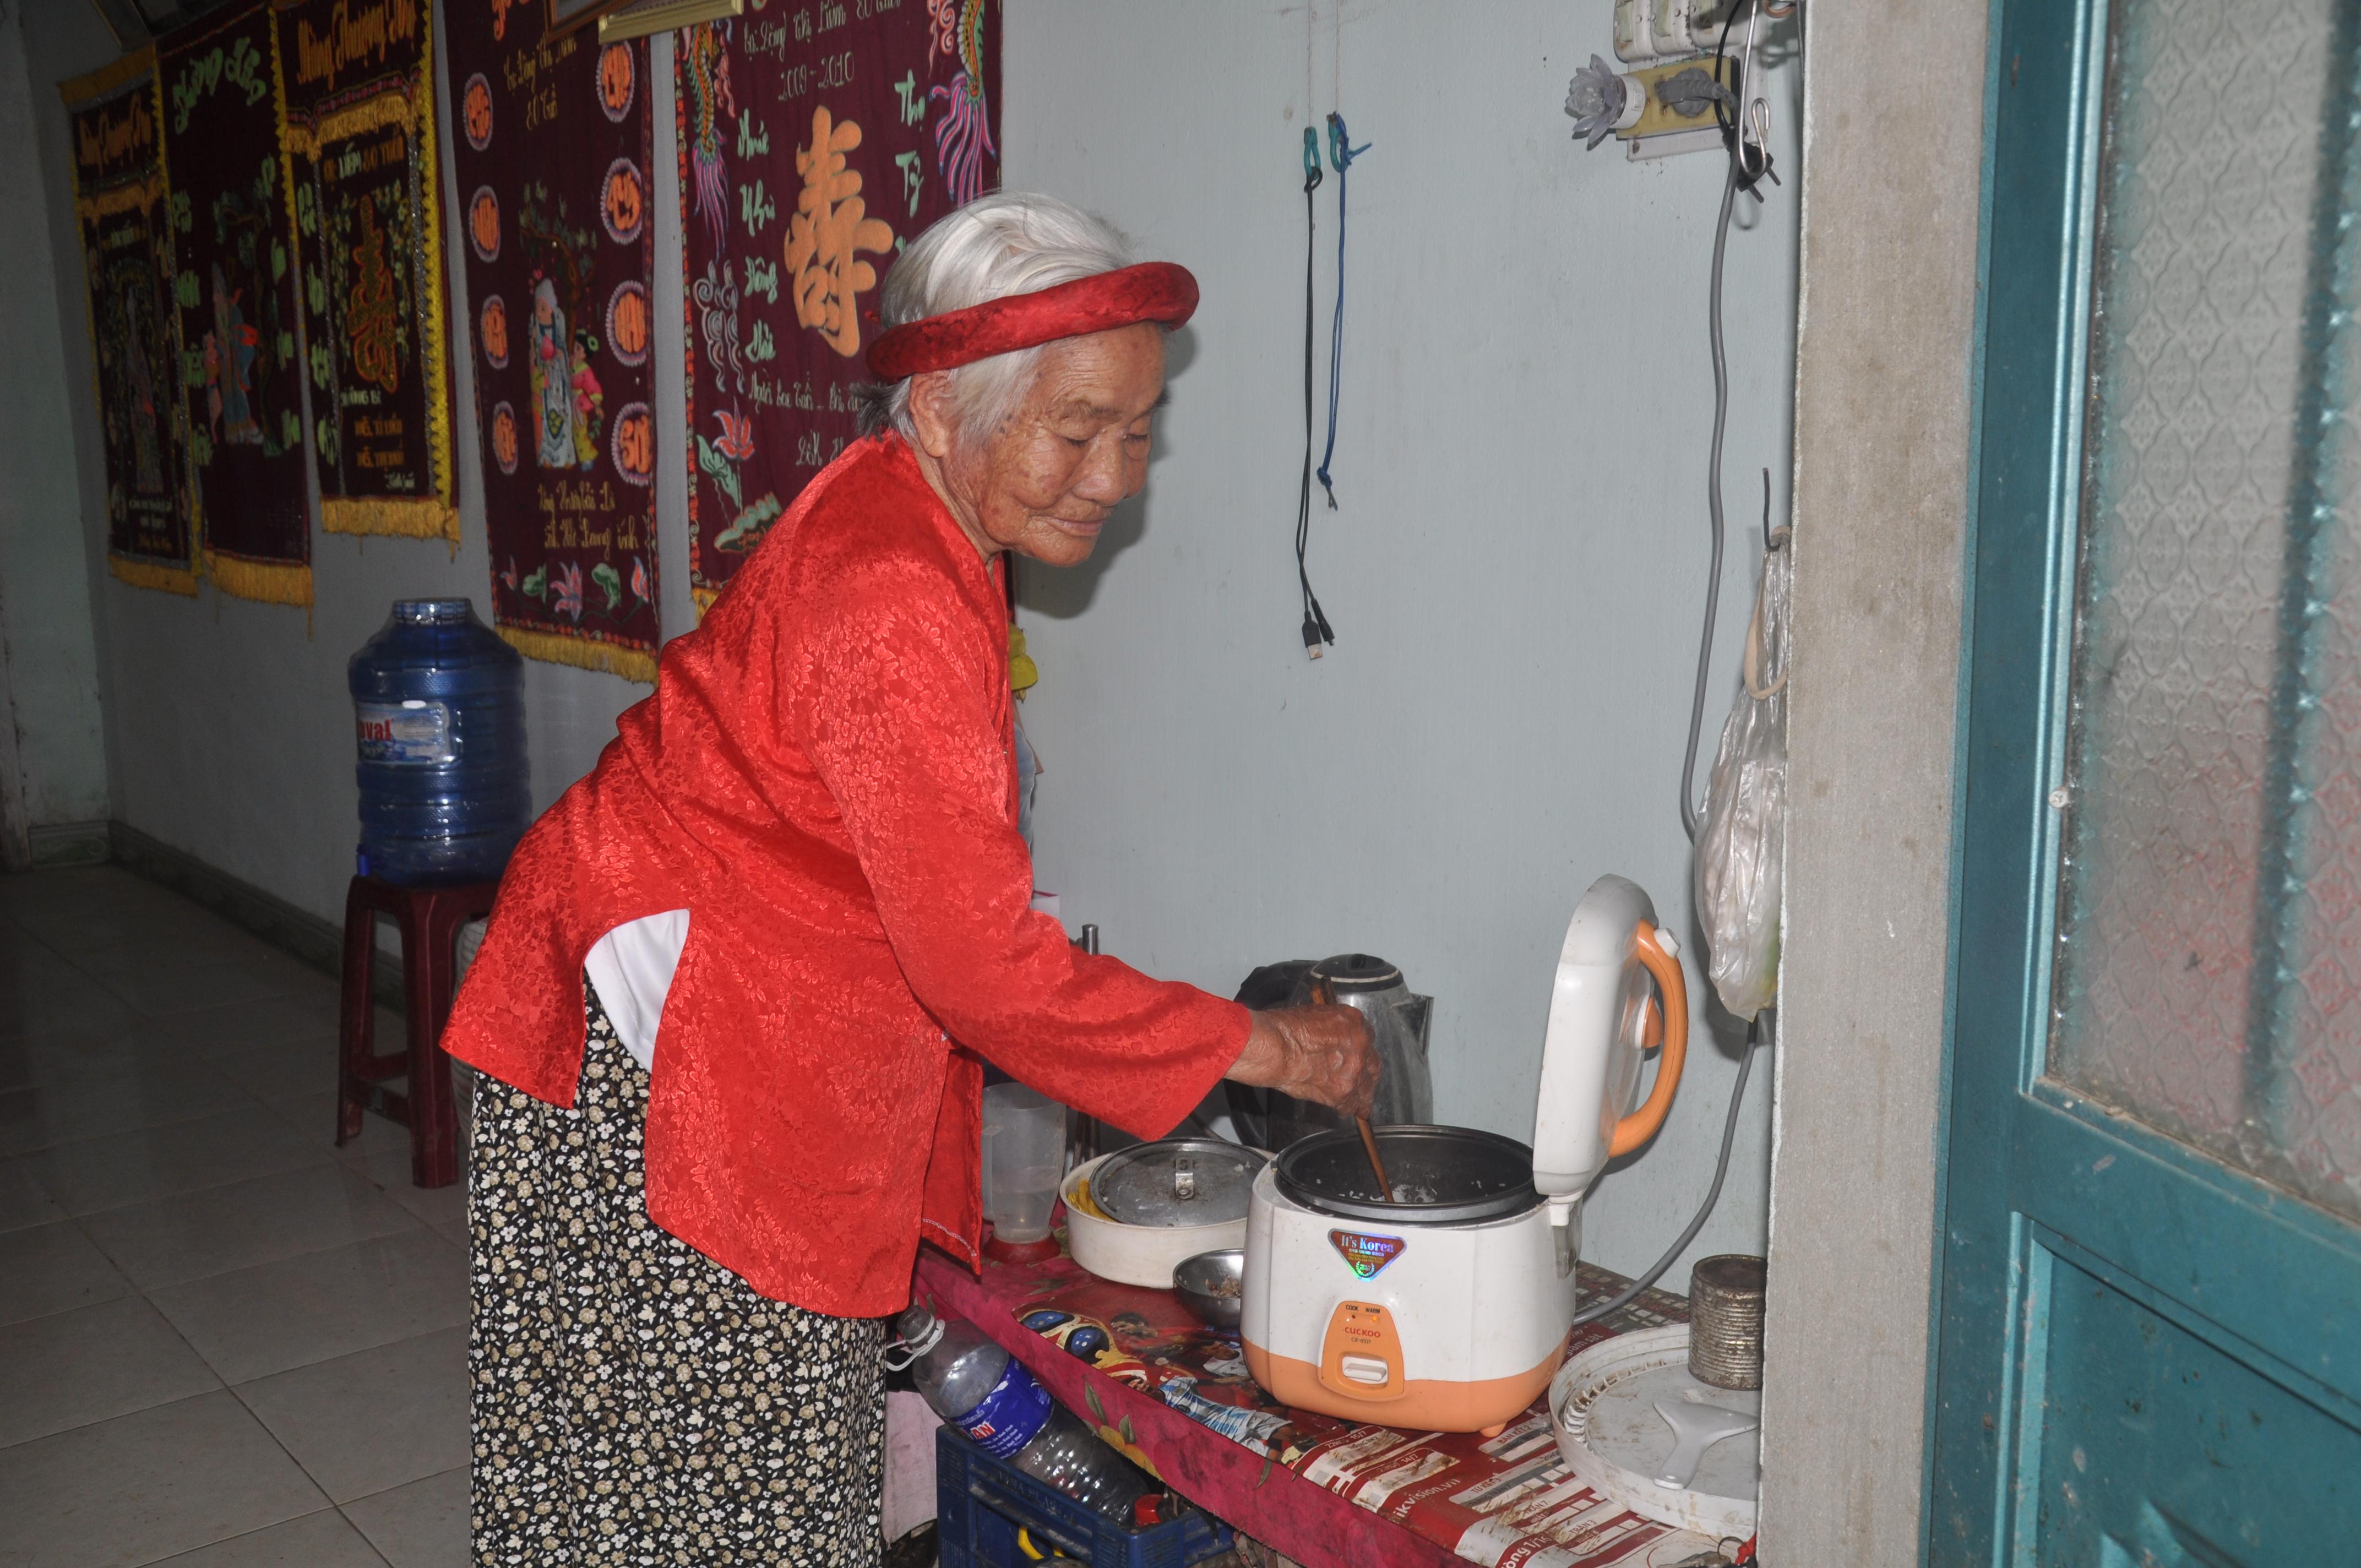 Dù ở tuổi 90, bà Liễm vẫn tự nấu cơm nước, tự chăm lo cho bản thân mình